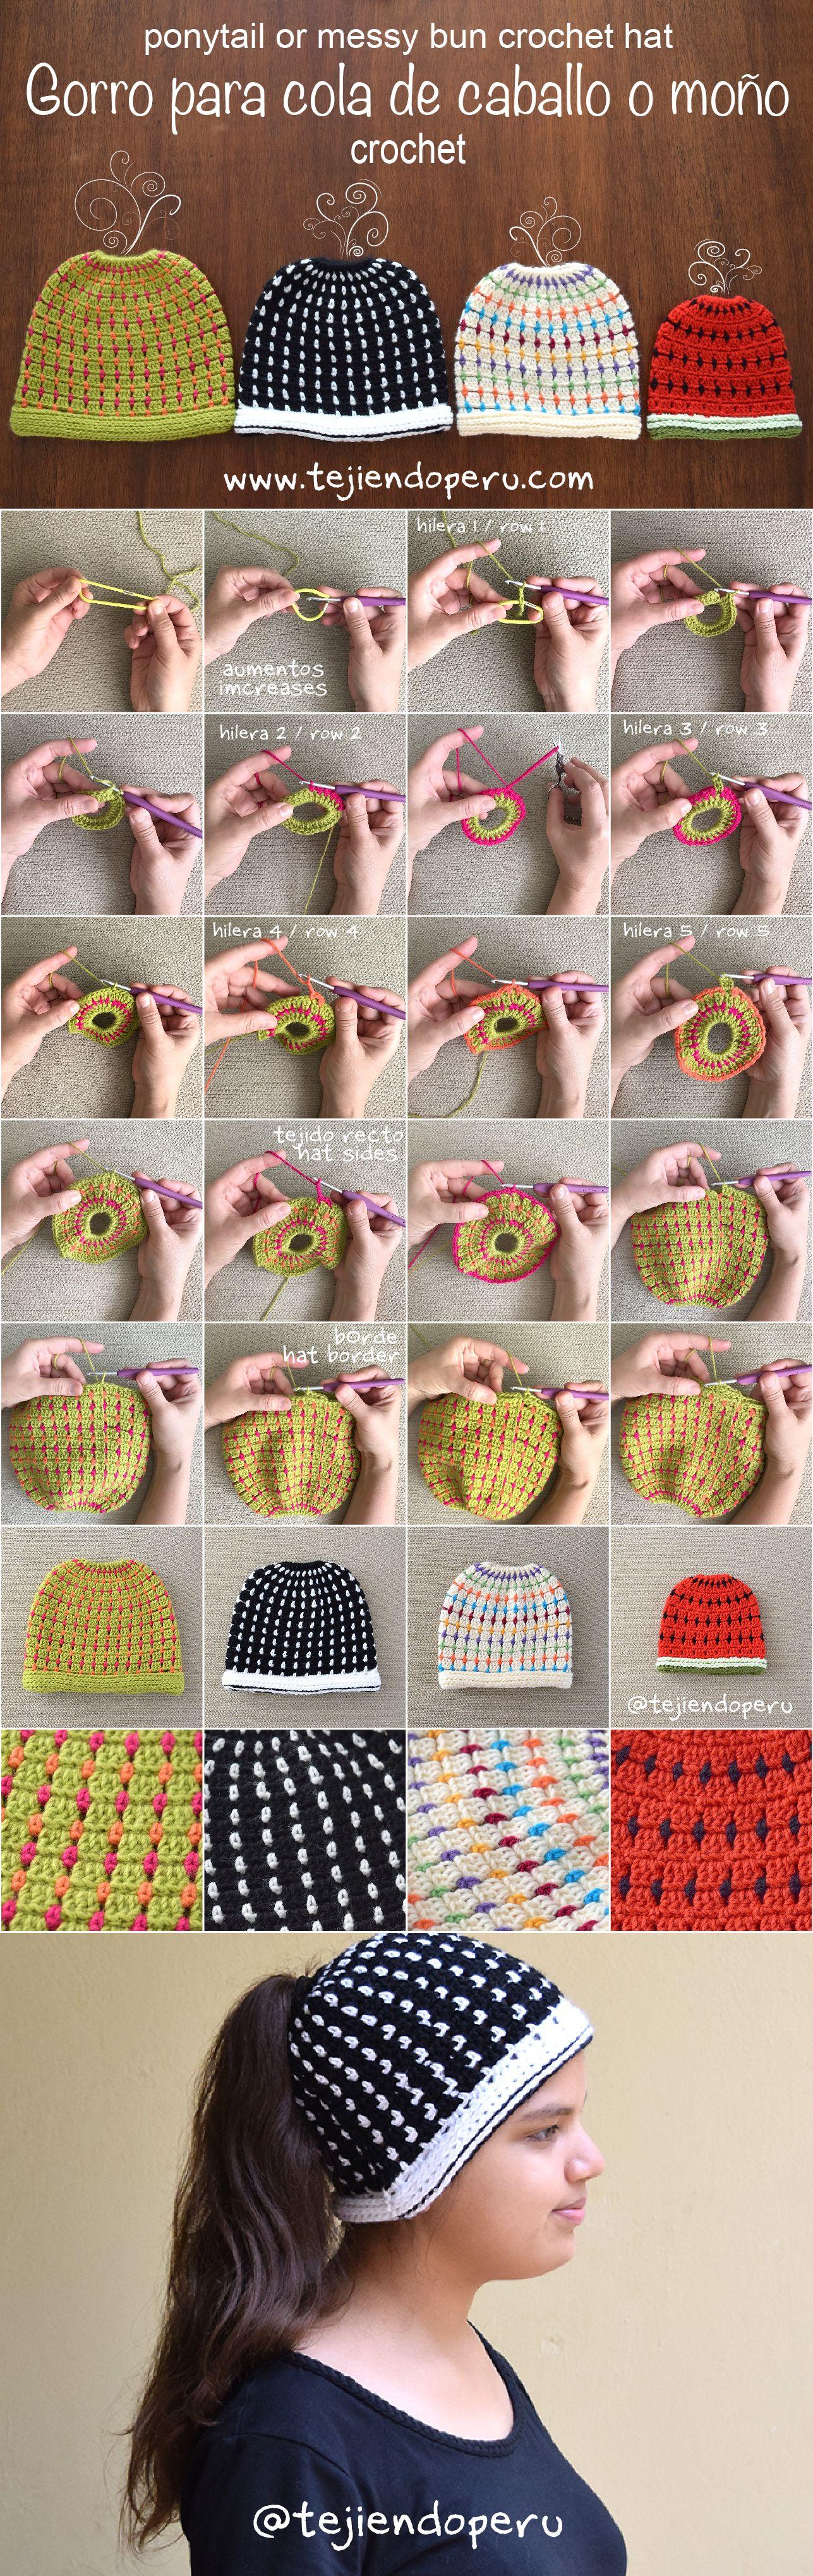 Crochet: gorro para cola de caballo o moño tejido a crochet en punto ...